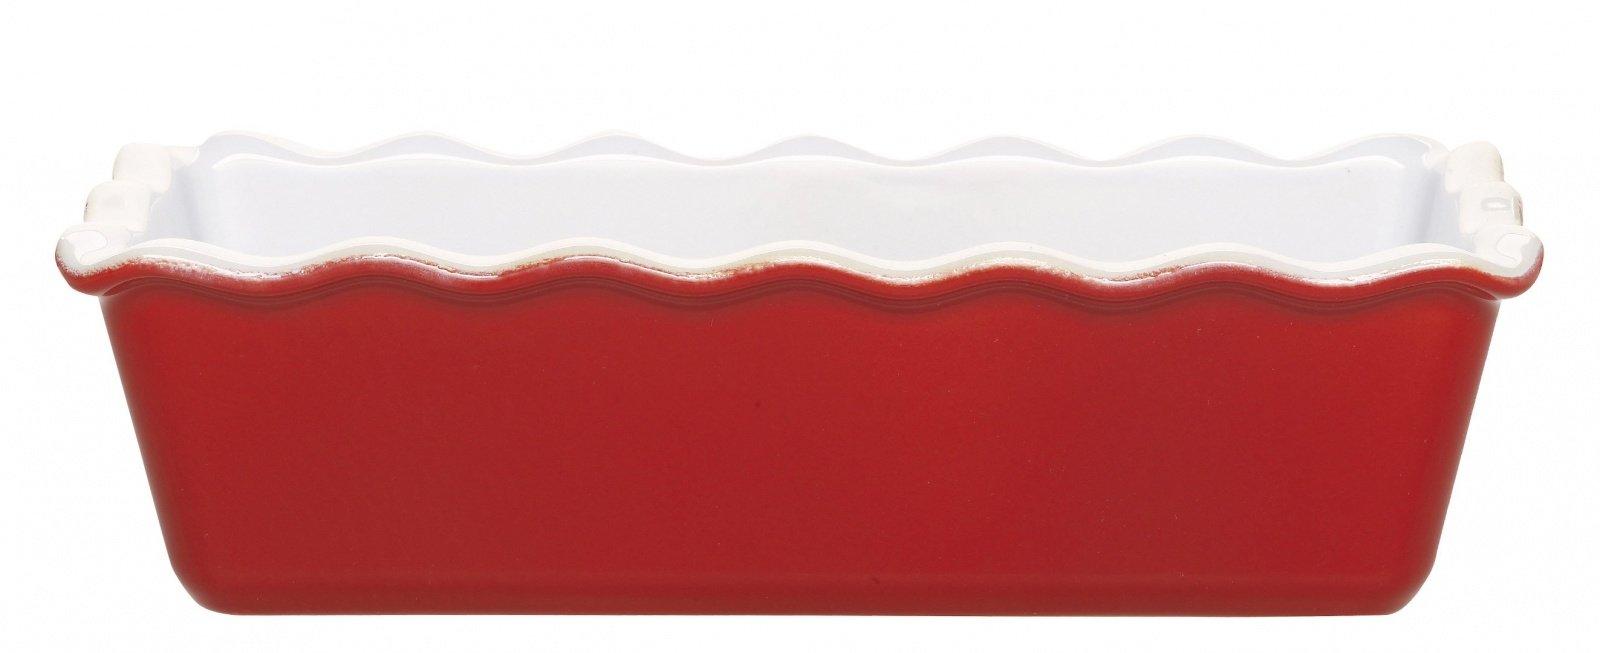 Форма для выпечки пирога Emile Henry 30,5х13,5 см (цвет: красный)